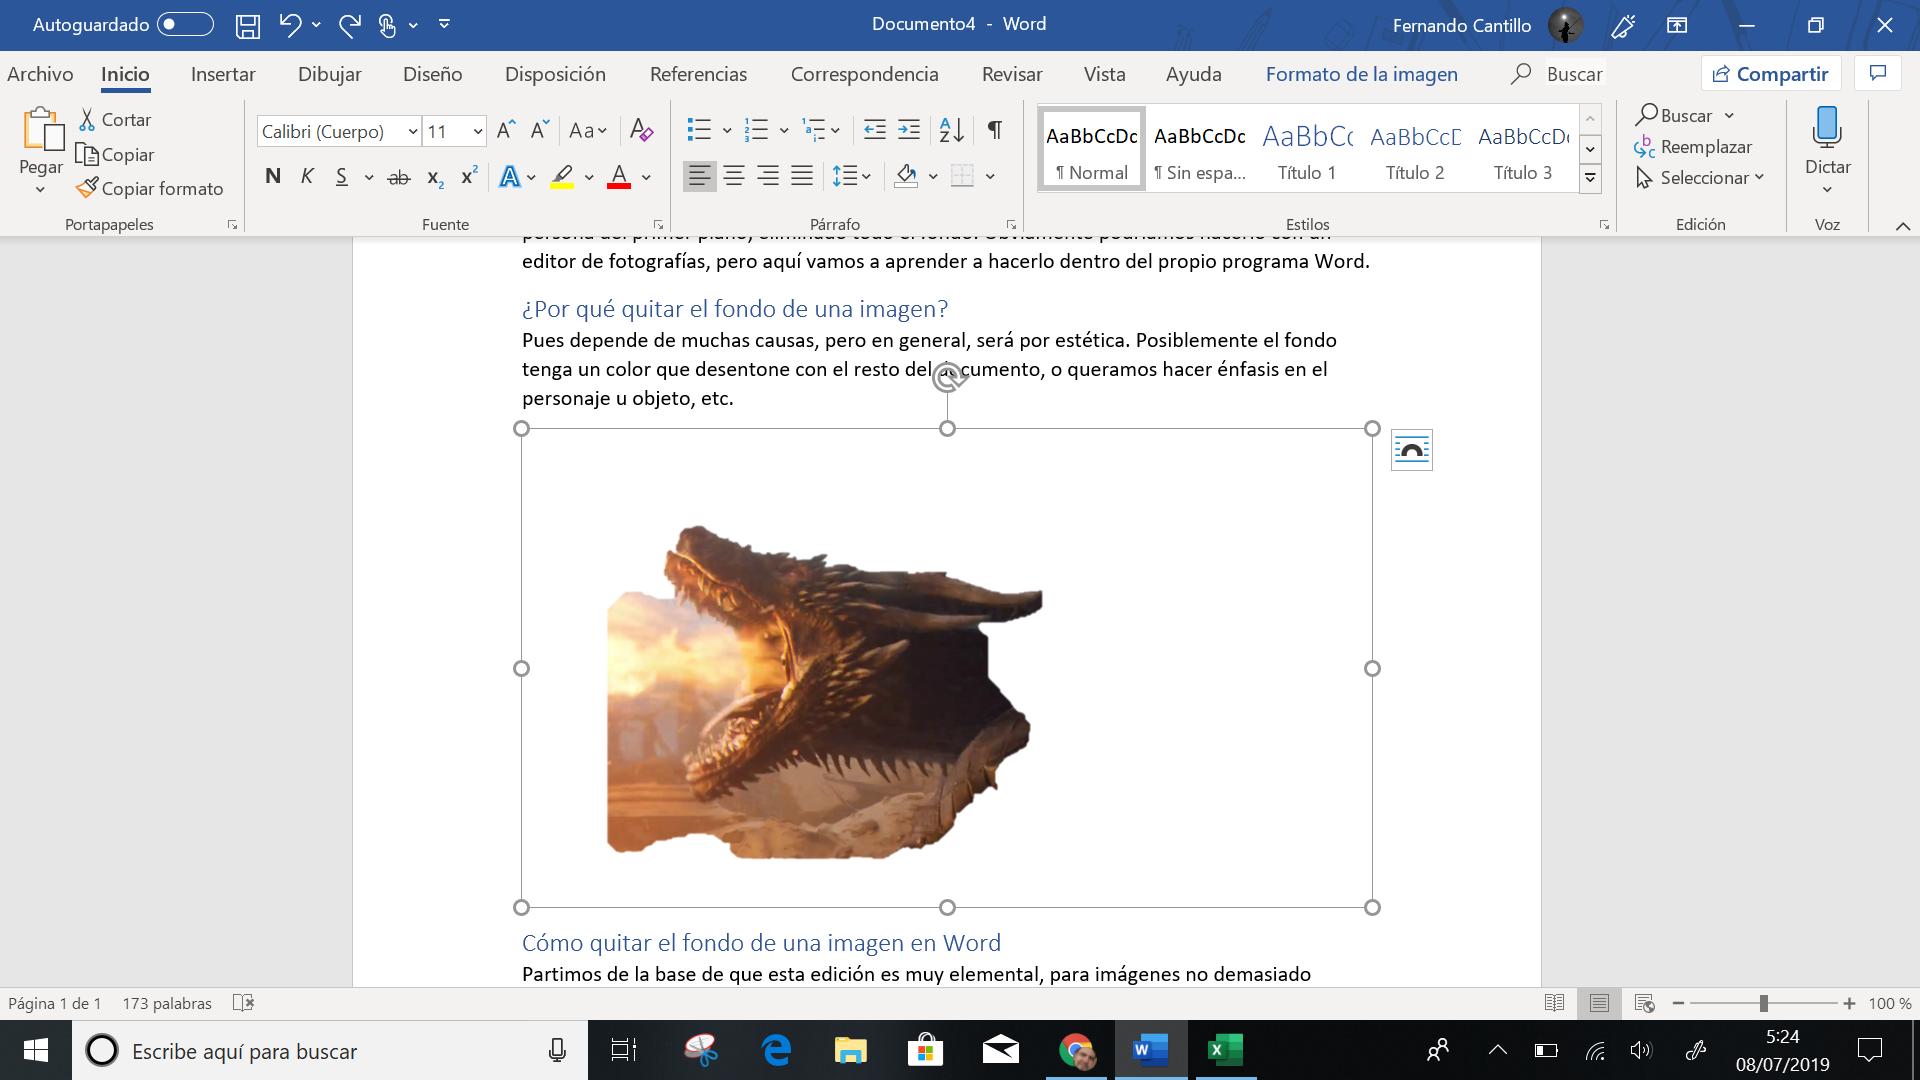 Cómo quitar el fondo de una imagen en Microsoft Word